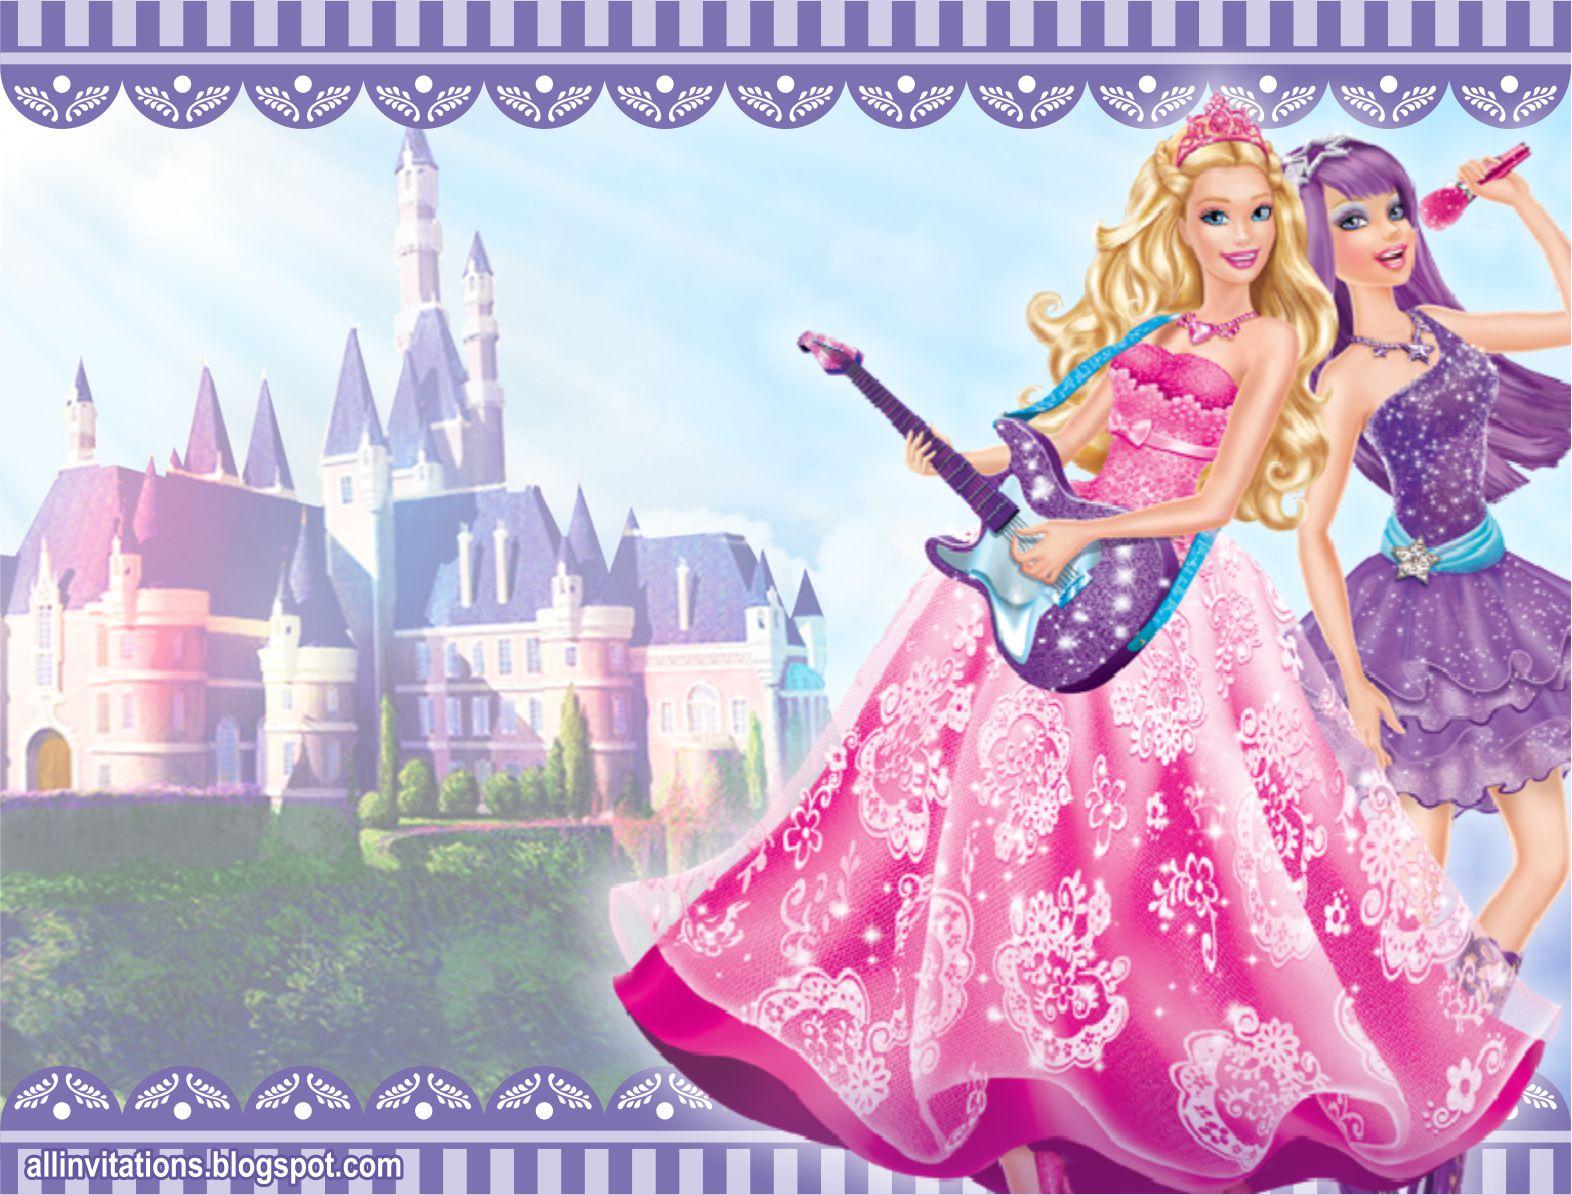 Invitación de cumpleaños con el tema de Barbie Popstar uno de los